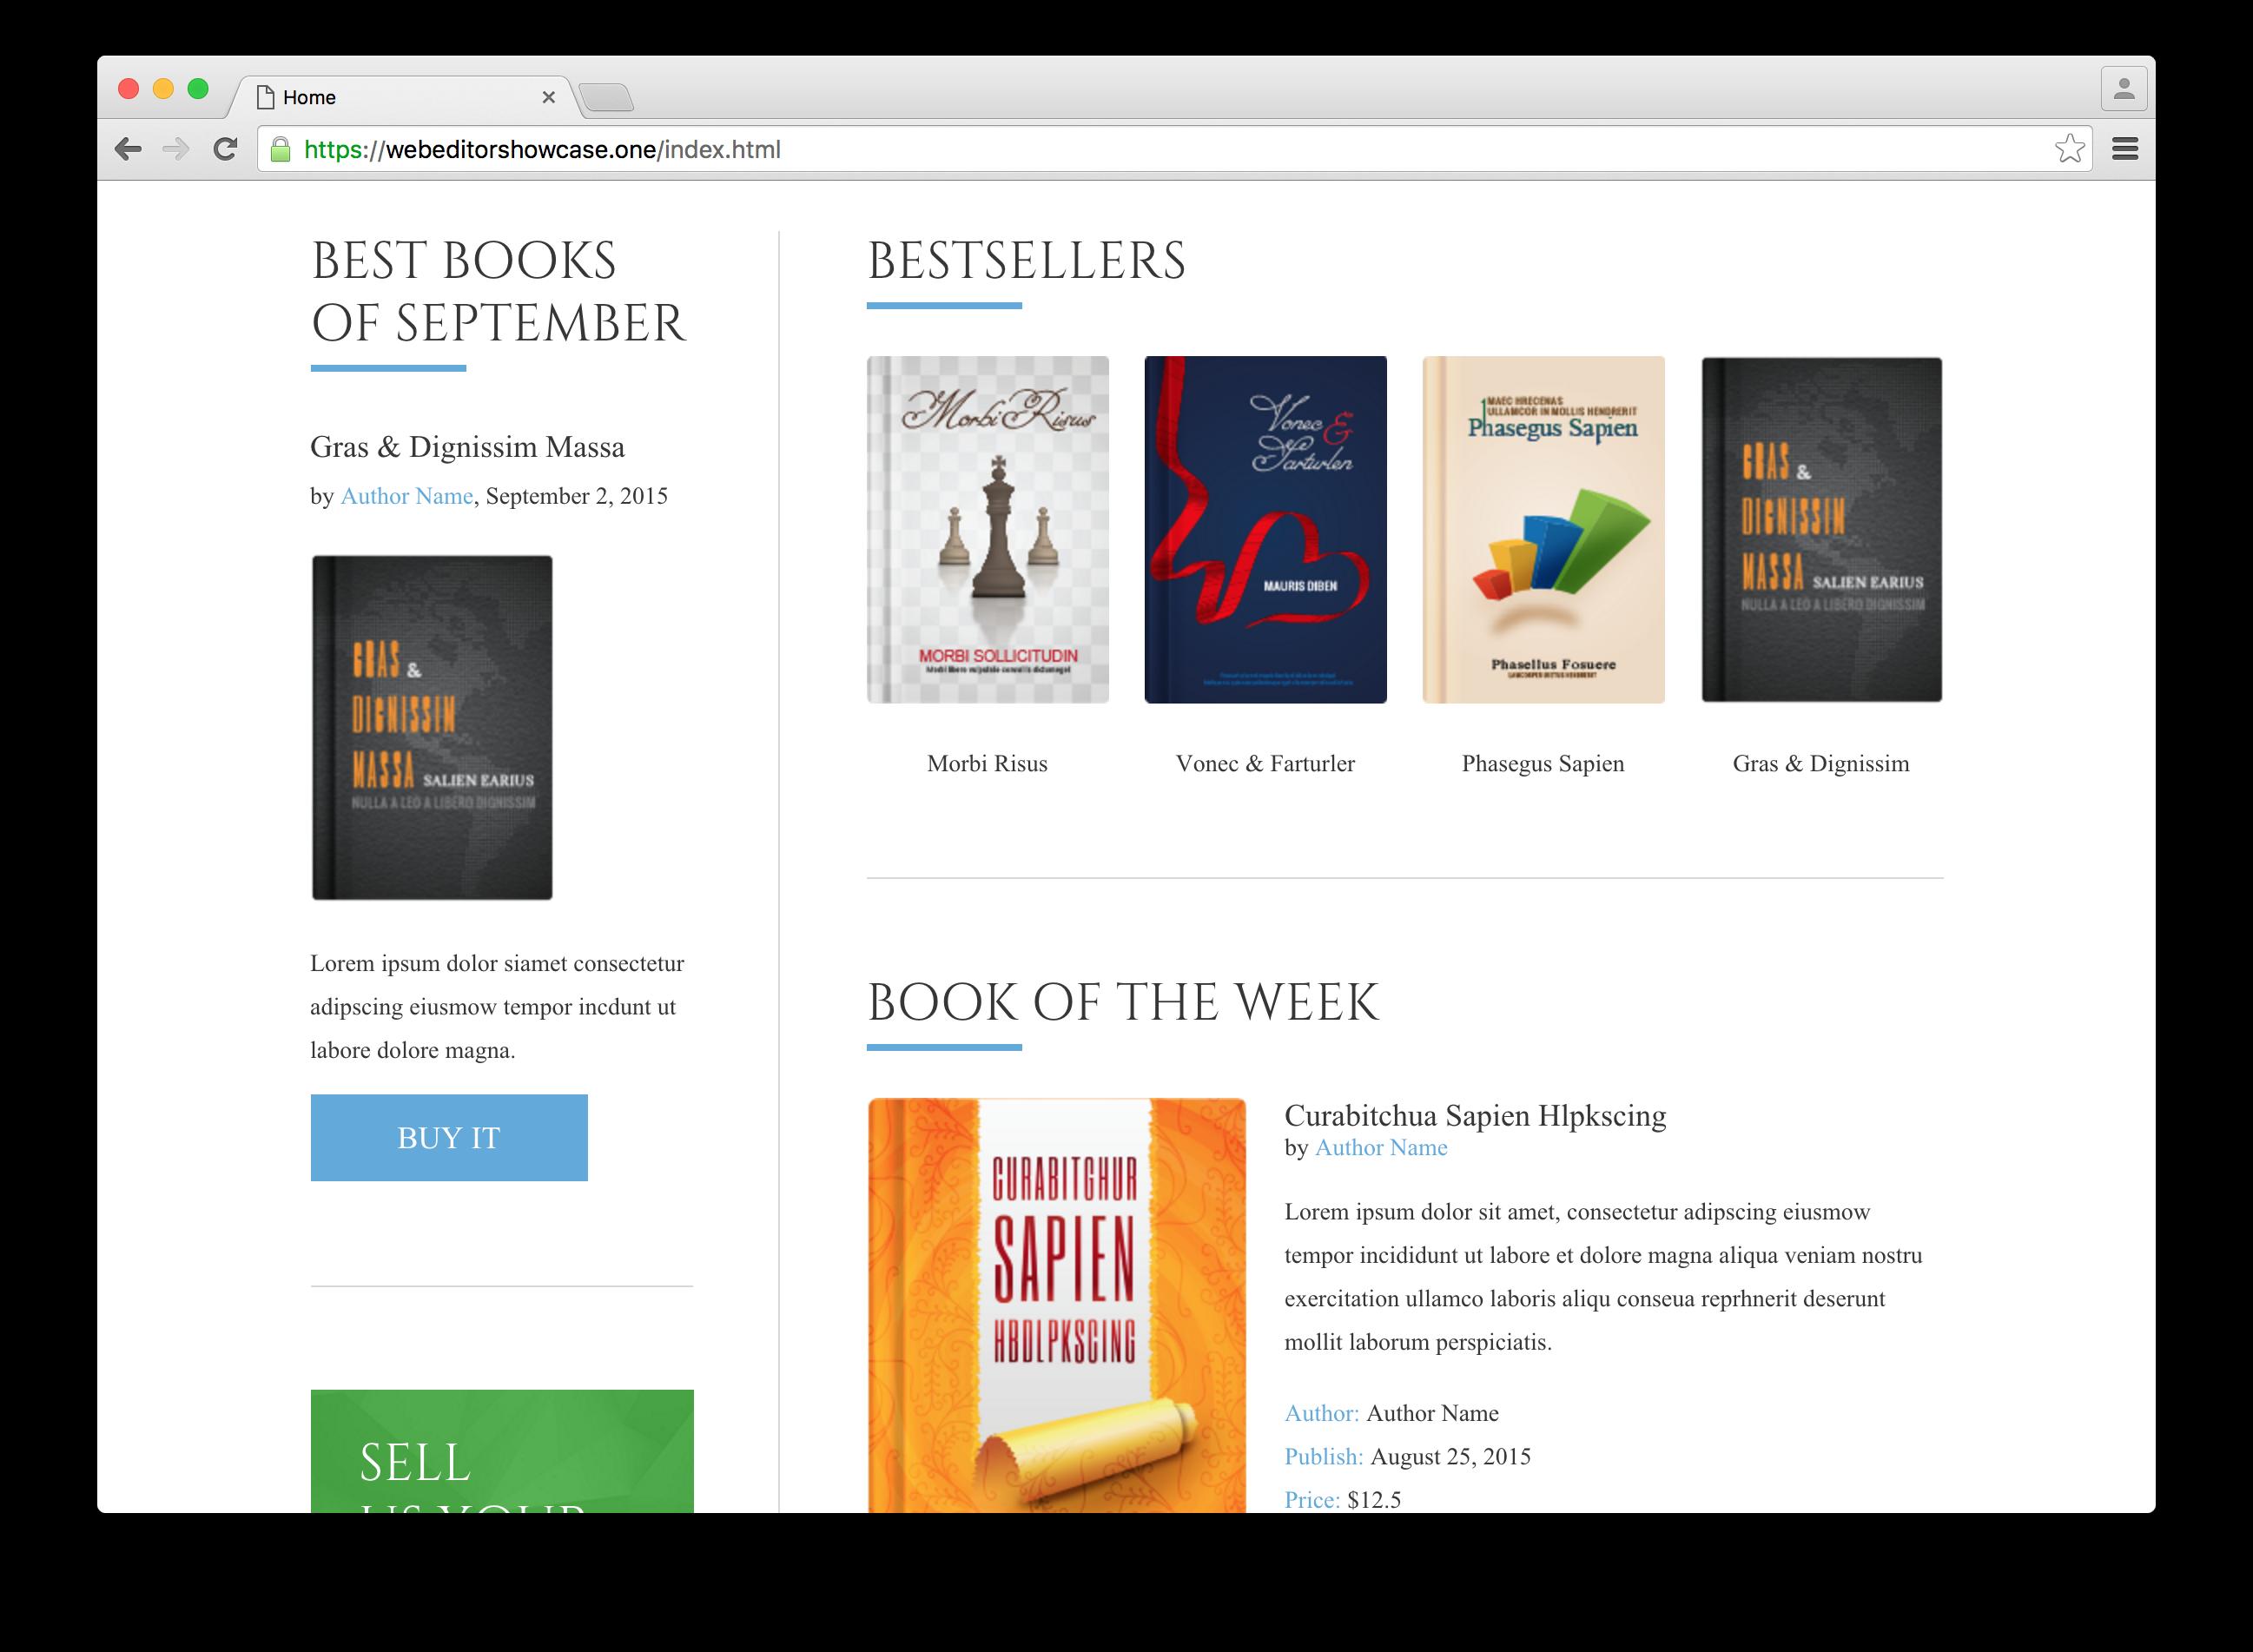 Bestsellers in example webshop